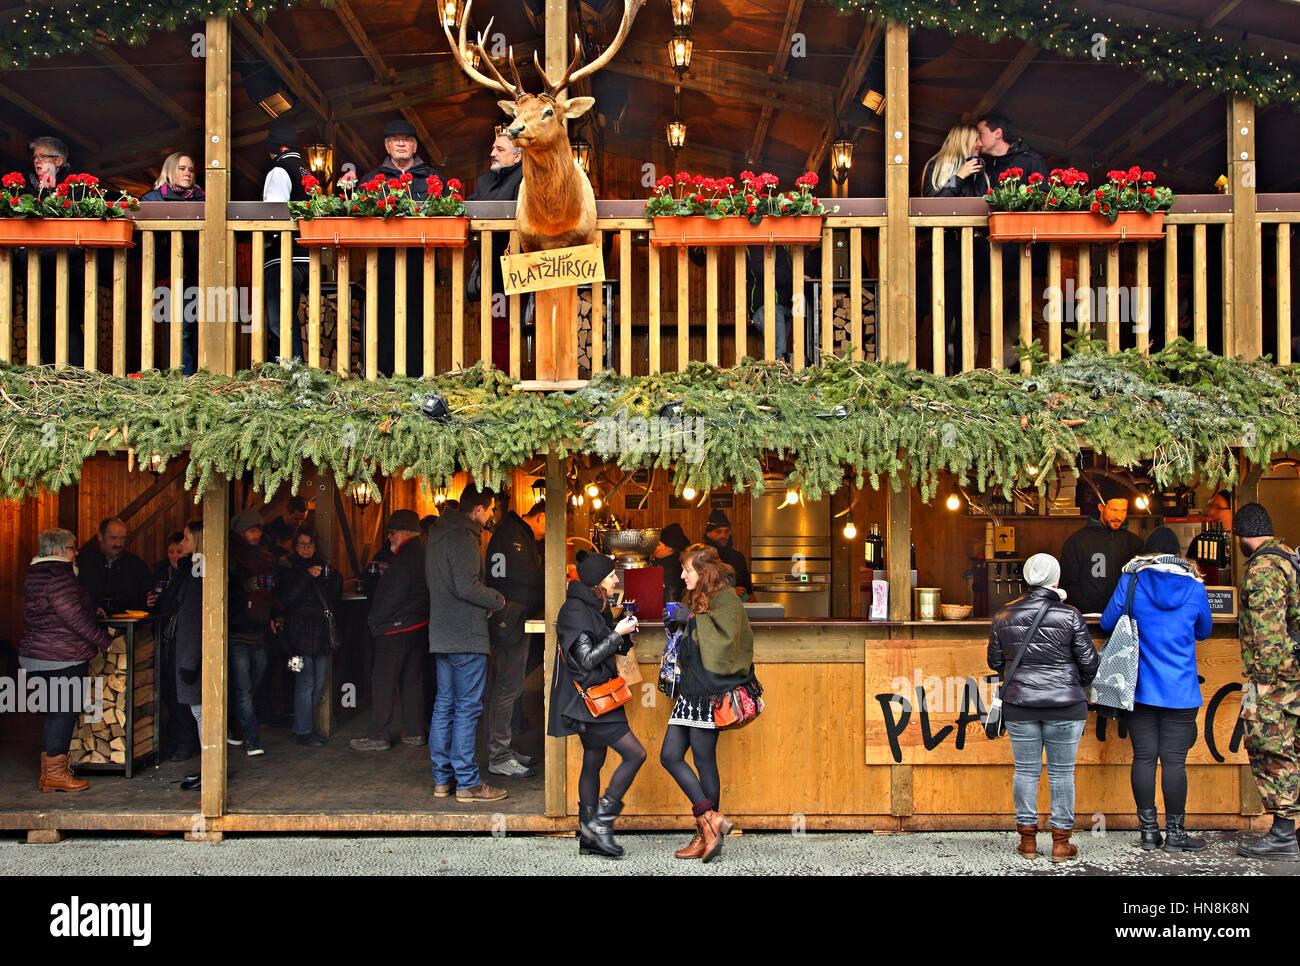 Café in der Weihnachtsmarkt in der Altstadt (Altstadt) der Stadt Bern, Schweiz. Stockbild